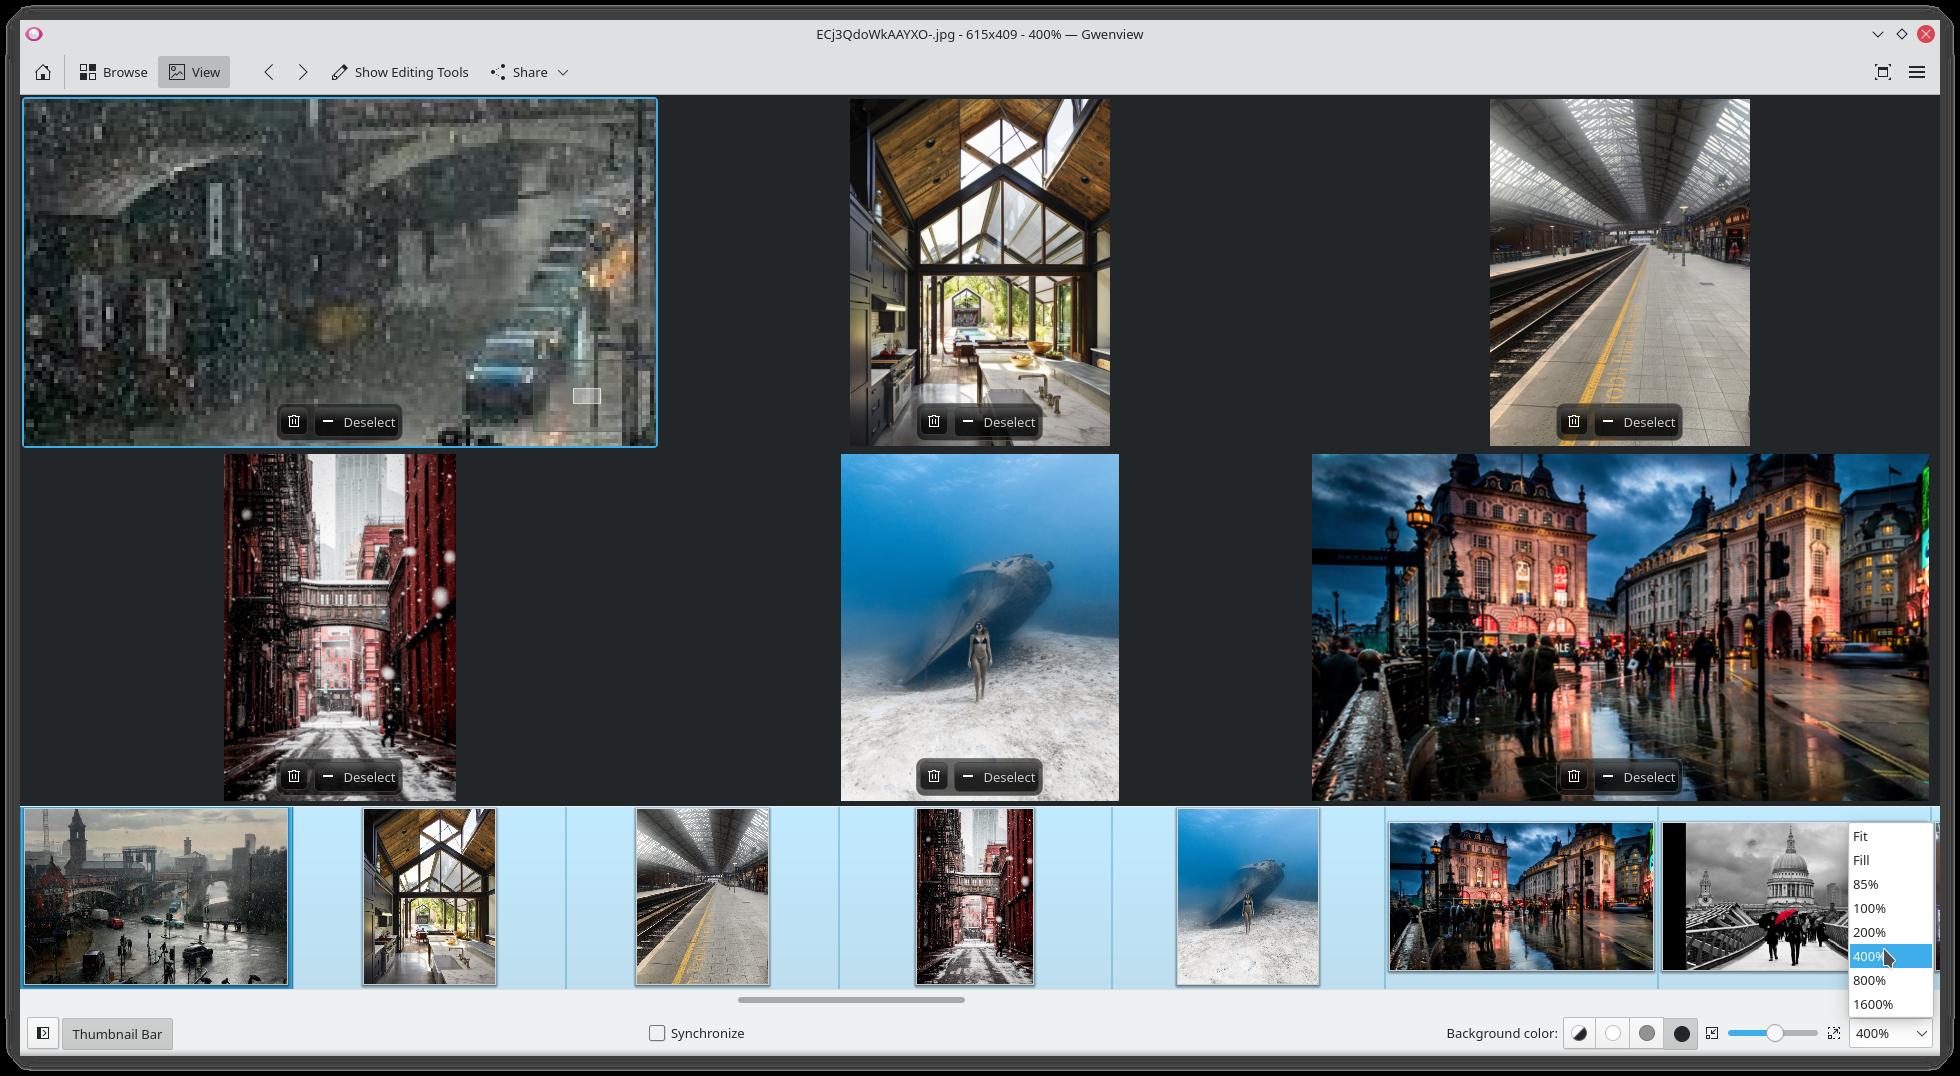 Gwenviews omkonstruerade zoomkontroll